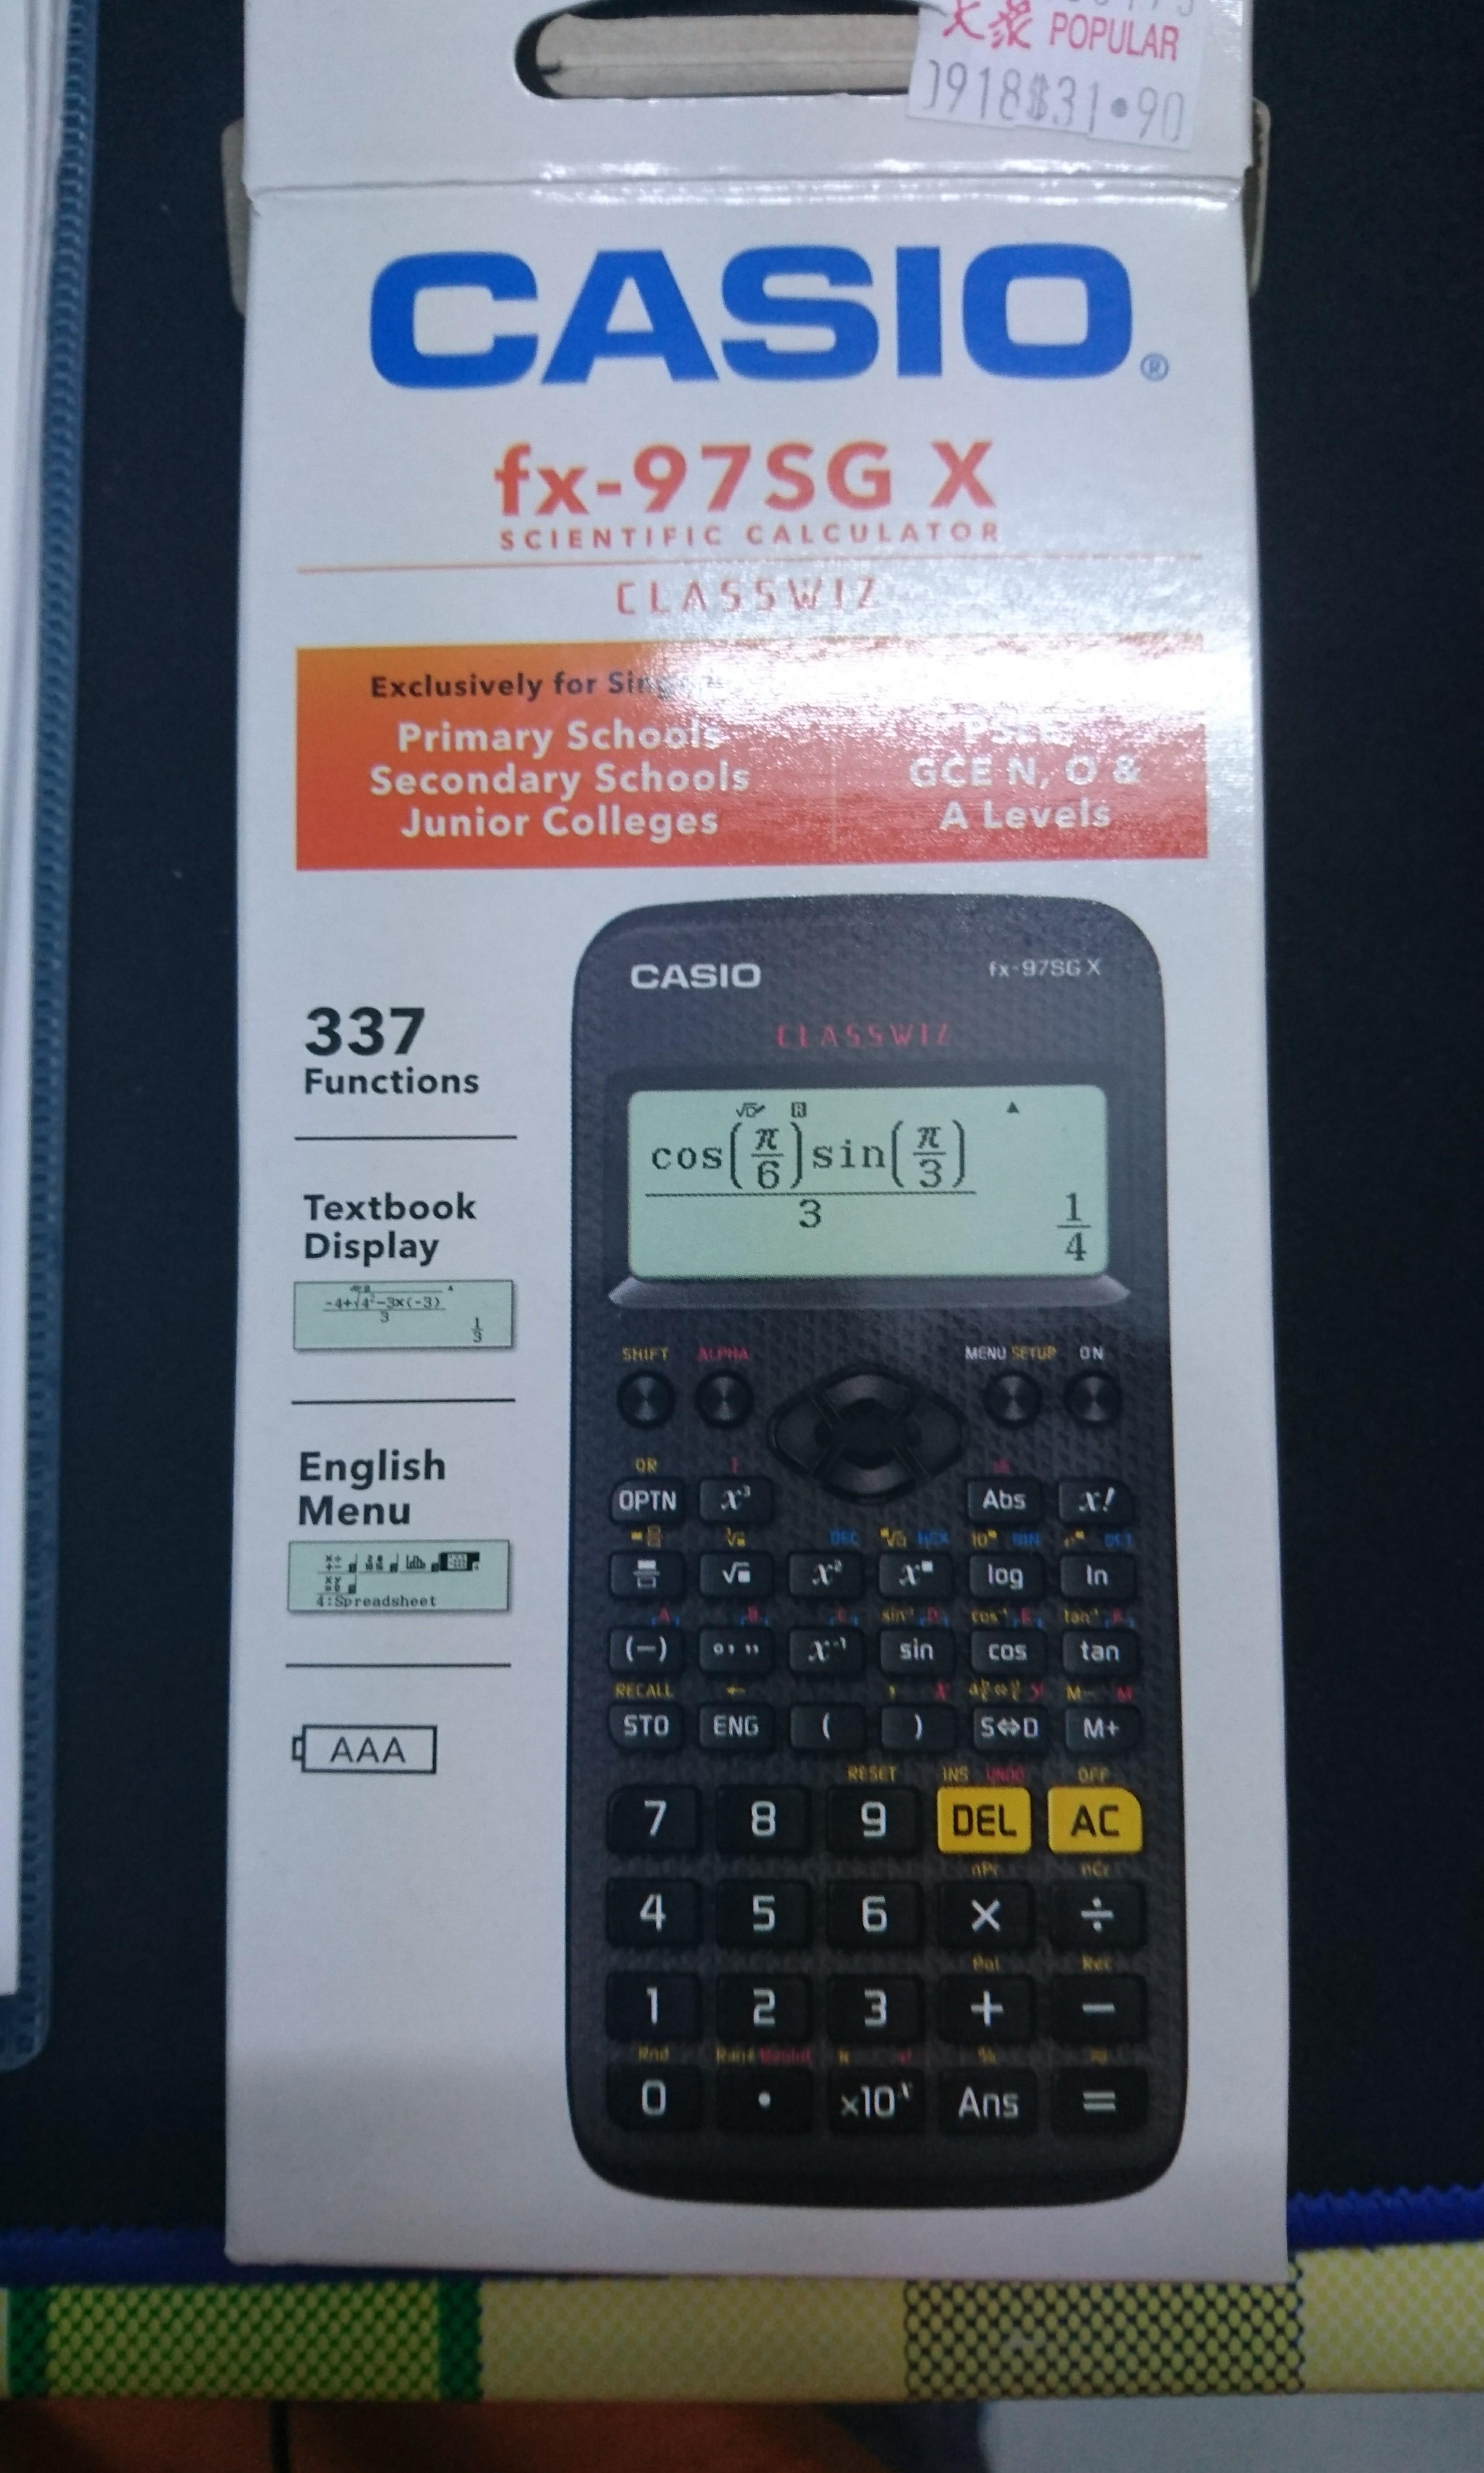 casio scientific calculator app